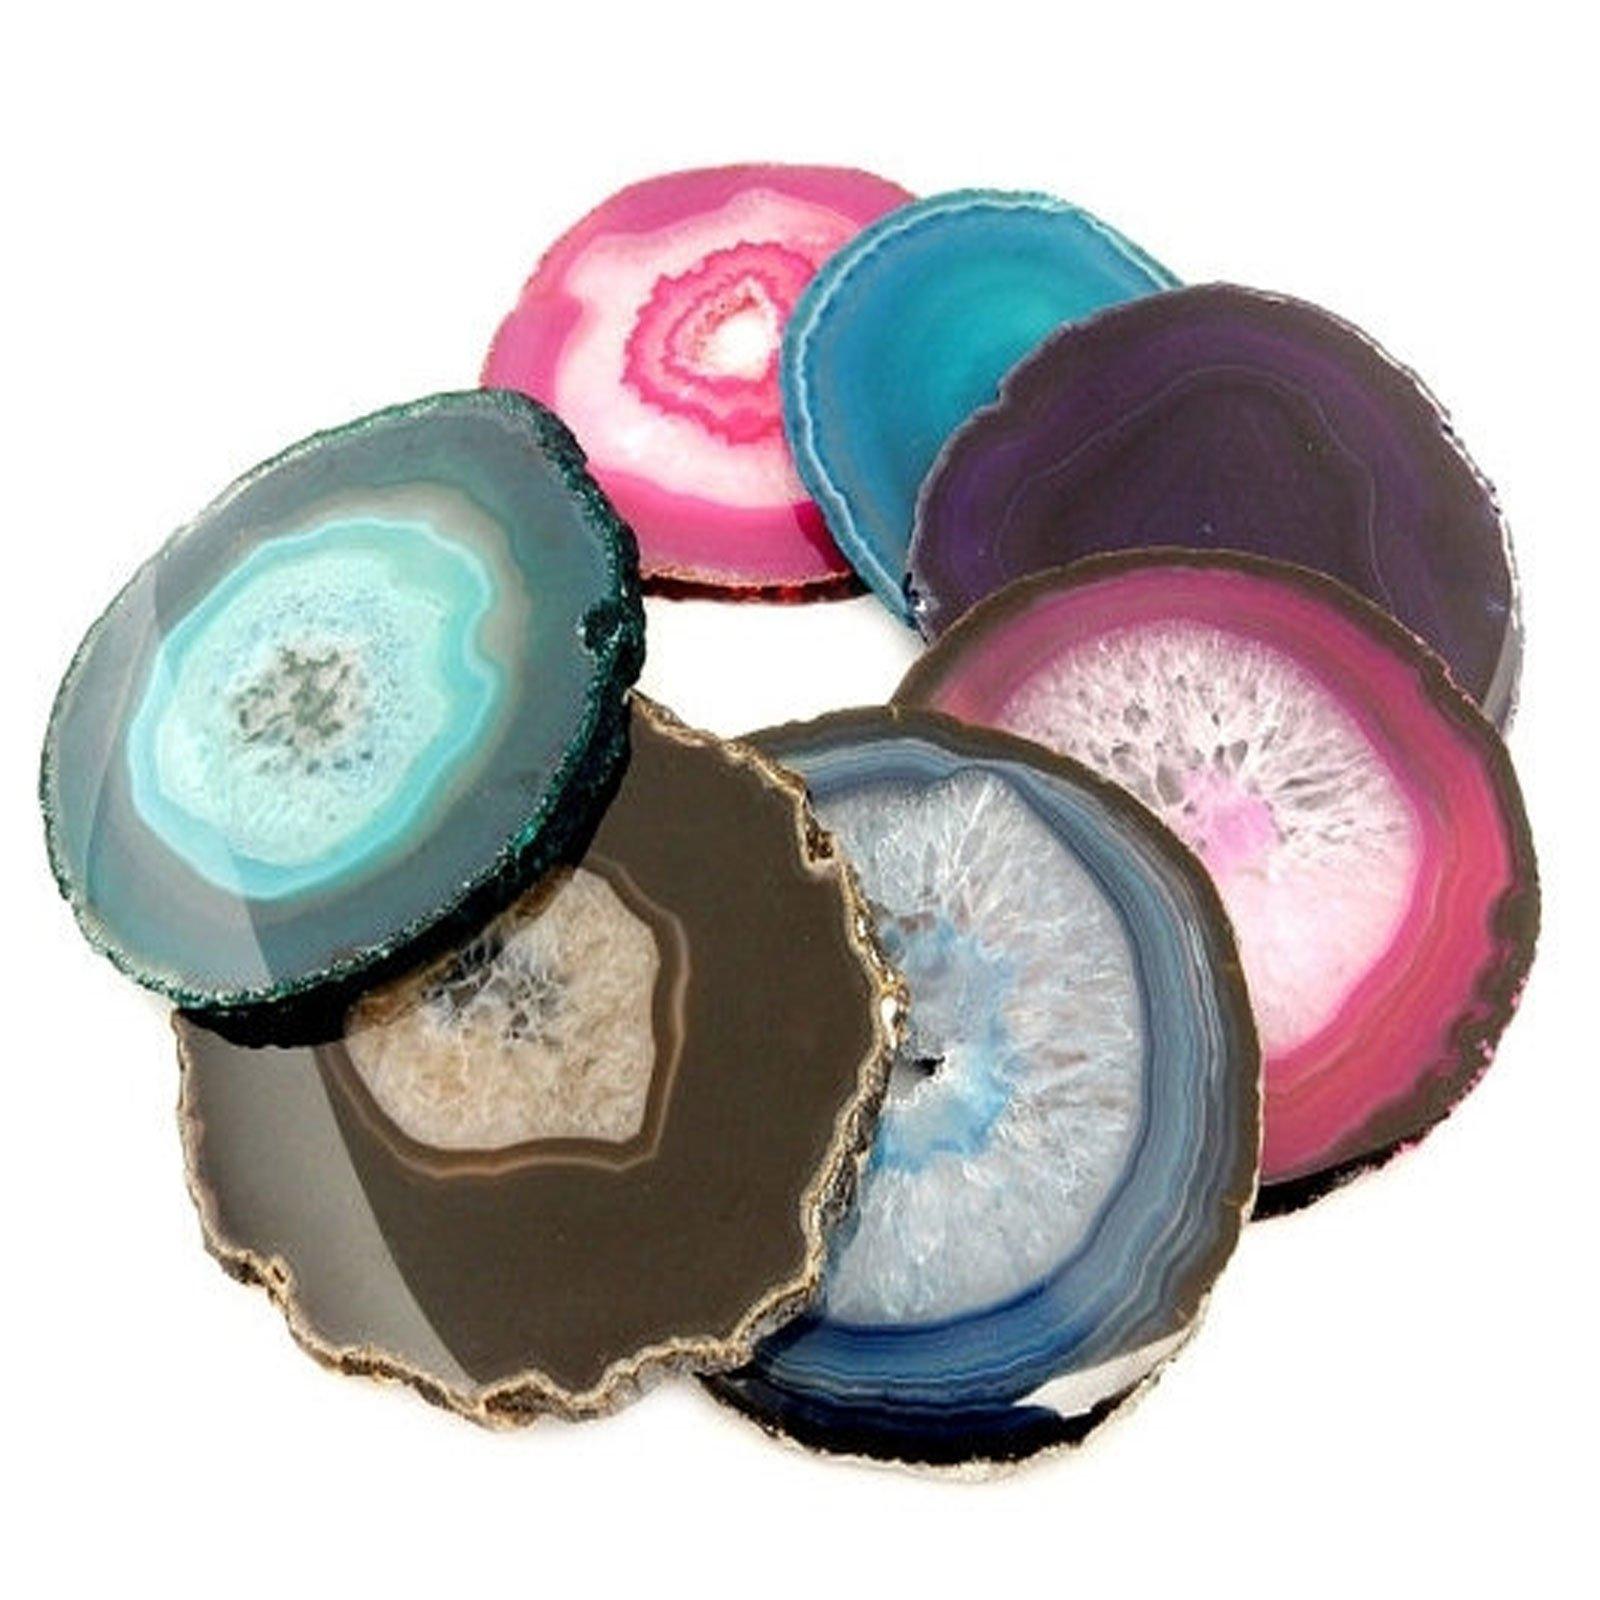 4 (FOUR) Agate Slice Coaster - Mixed Colored Agate Coasters Rock Paradise COA (AM10B3)